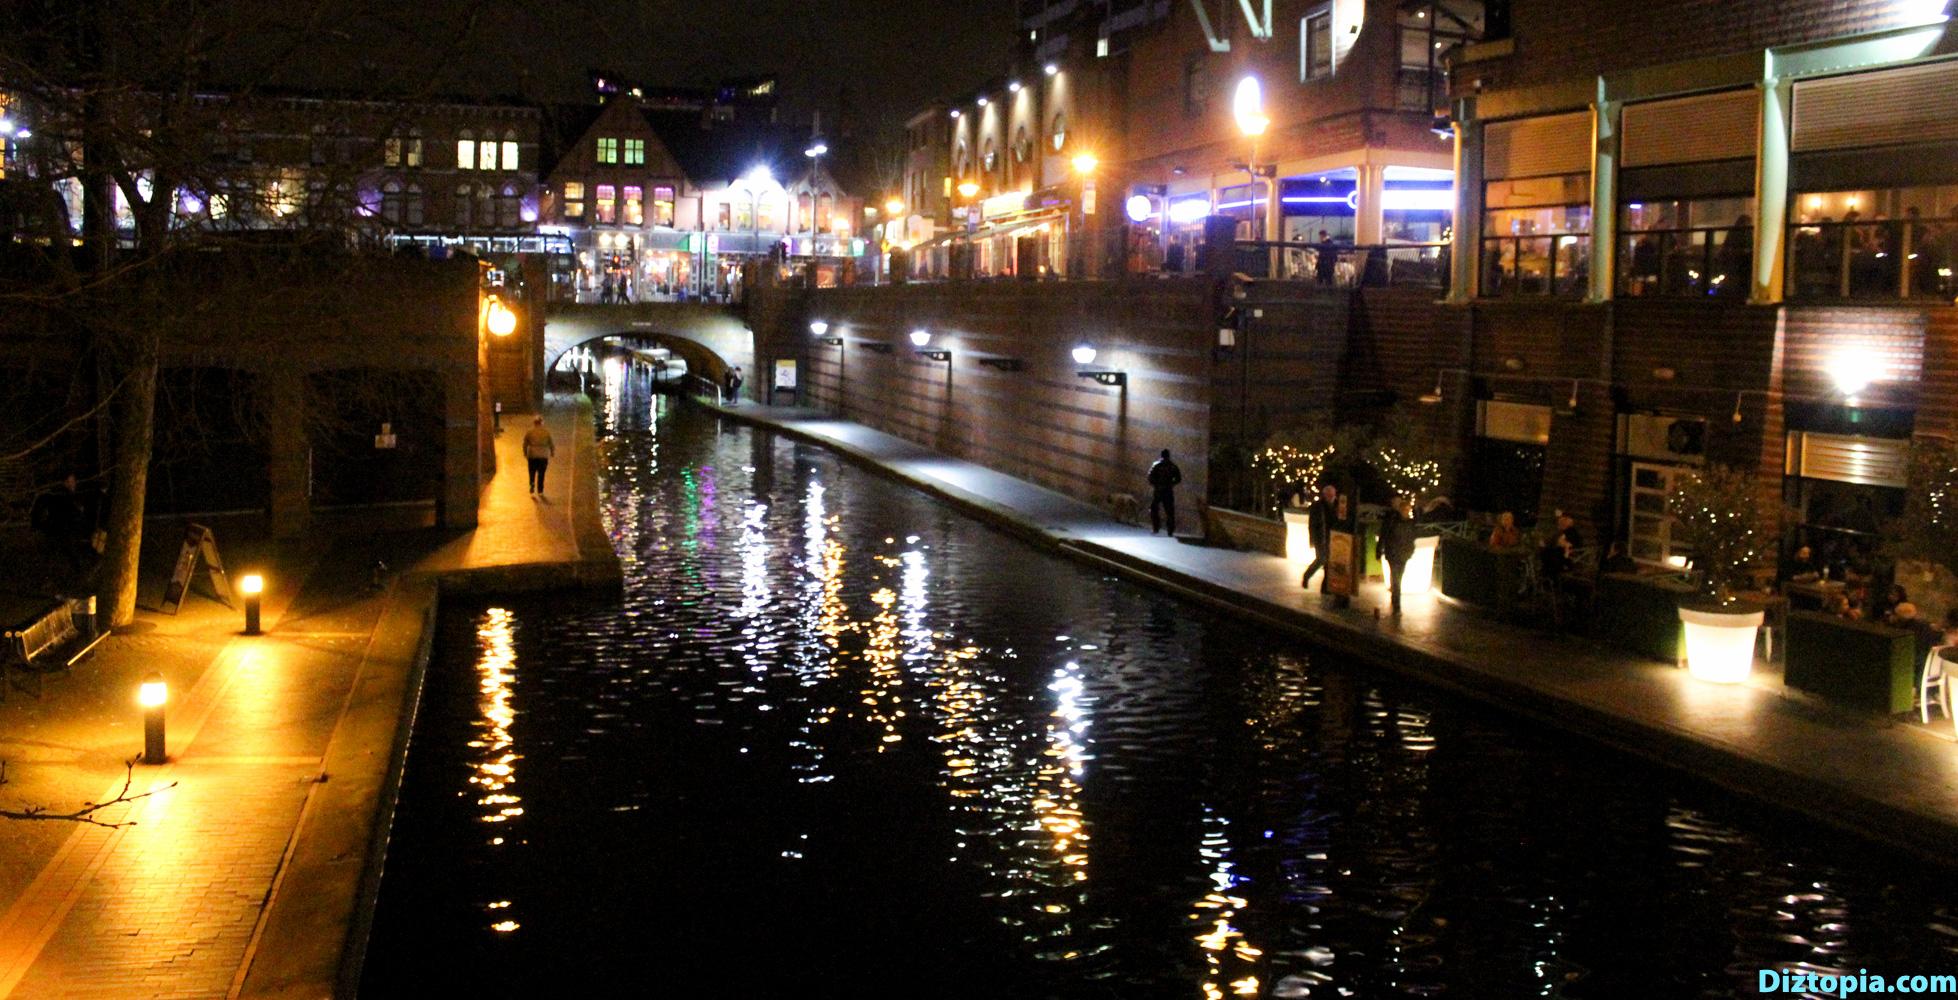 Birmingham-Canal-City-Diztopia-Photography-Night-Dizma-Dahl-China-Town-UK-Blog-34